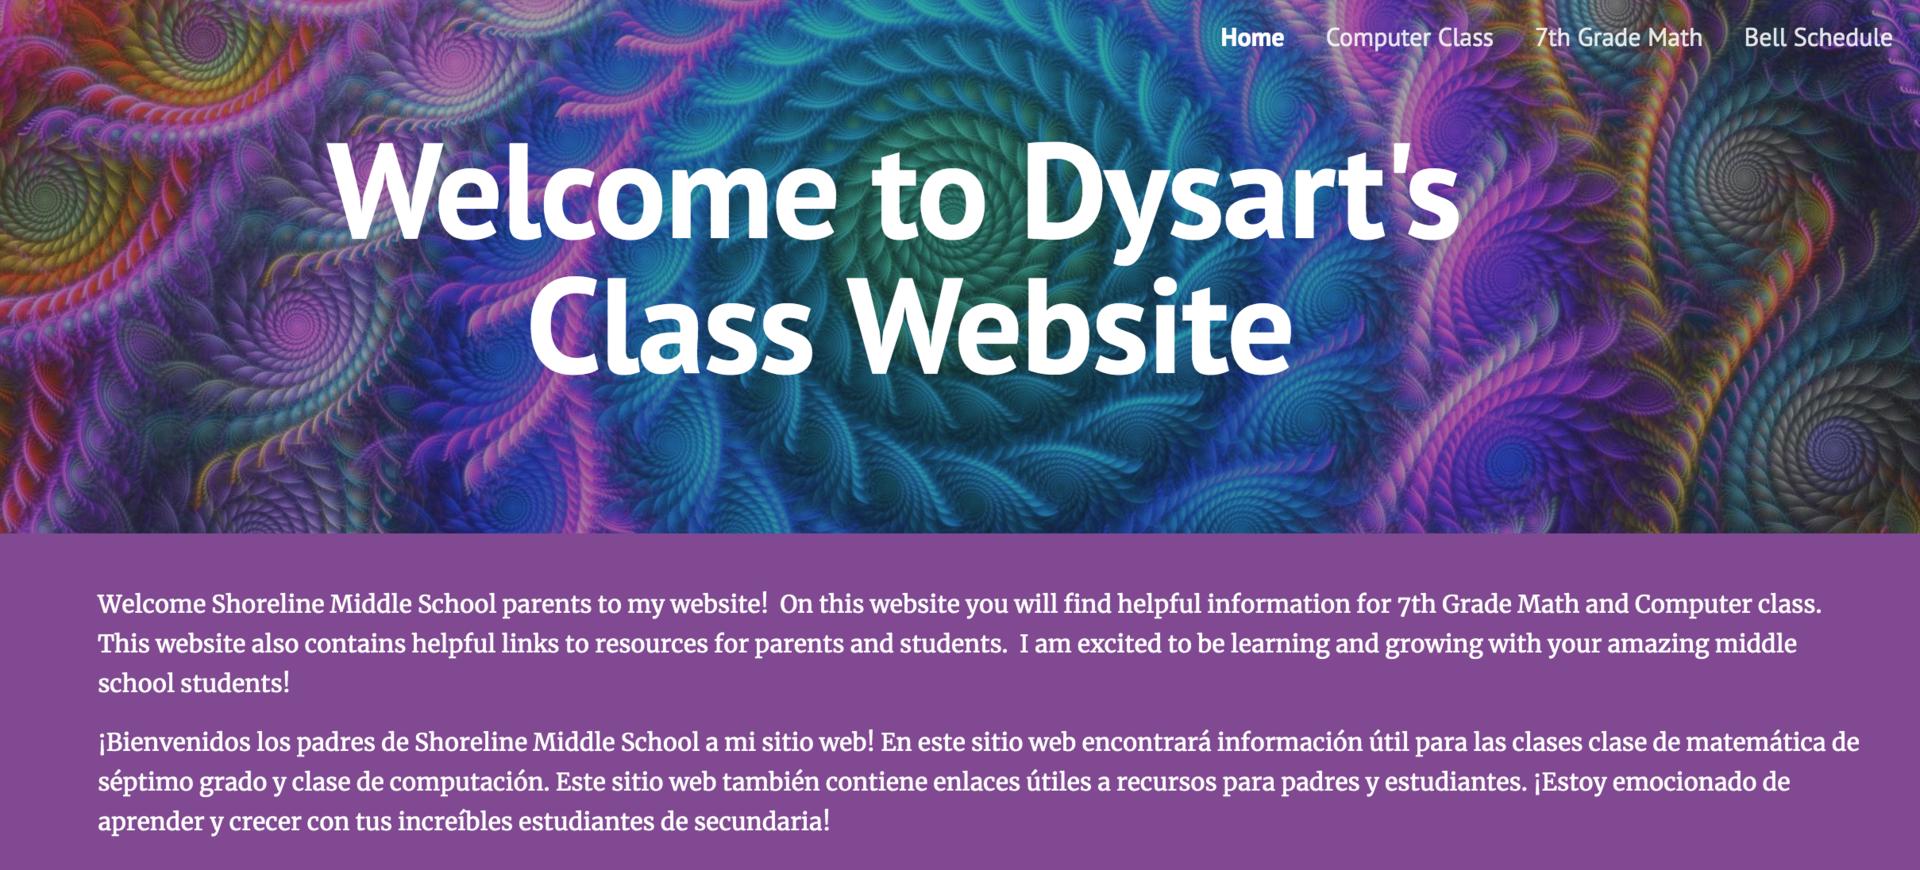 Image of Dysart Website